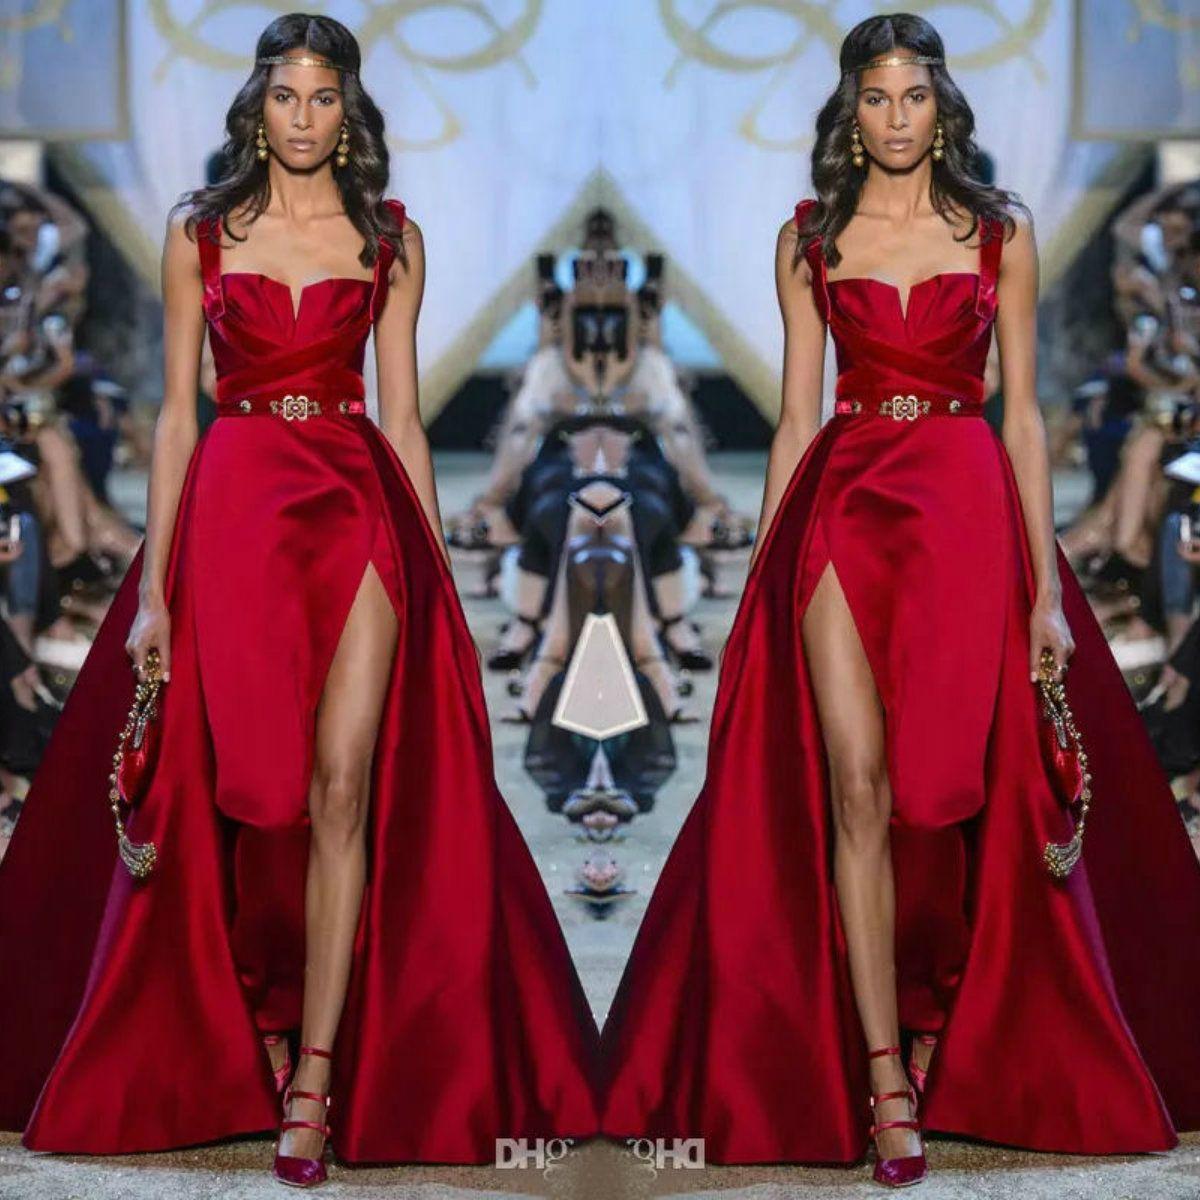 großhandel elie saab rote ballkleider liebste side split abendkleider mit  abnehmbarem schleppe maßgeschneiderte satin abendkleider von huifangzou,